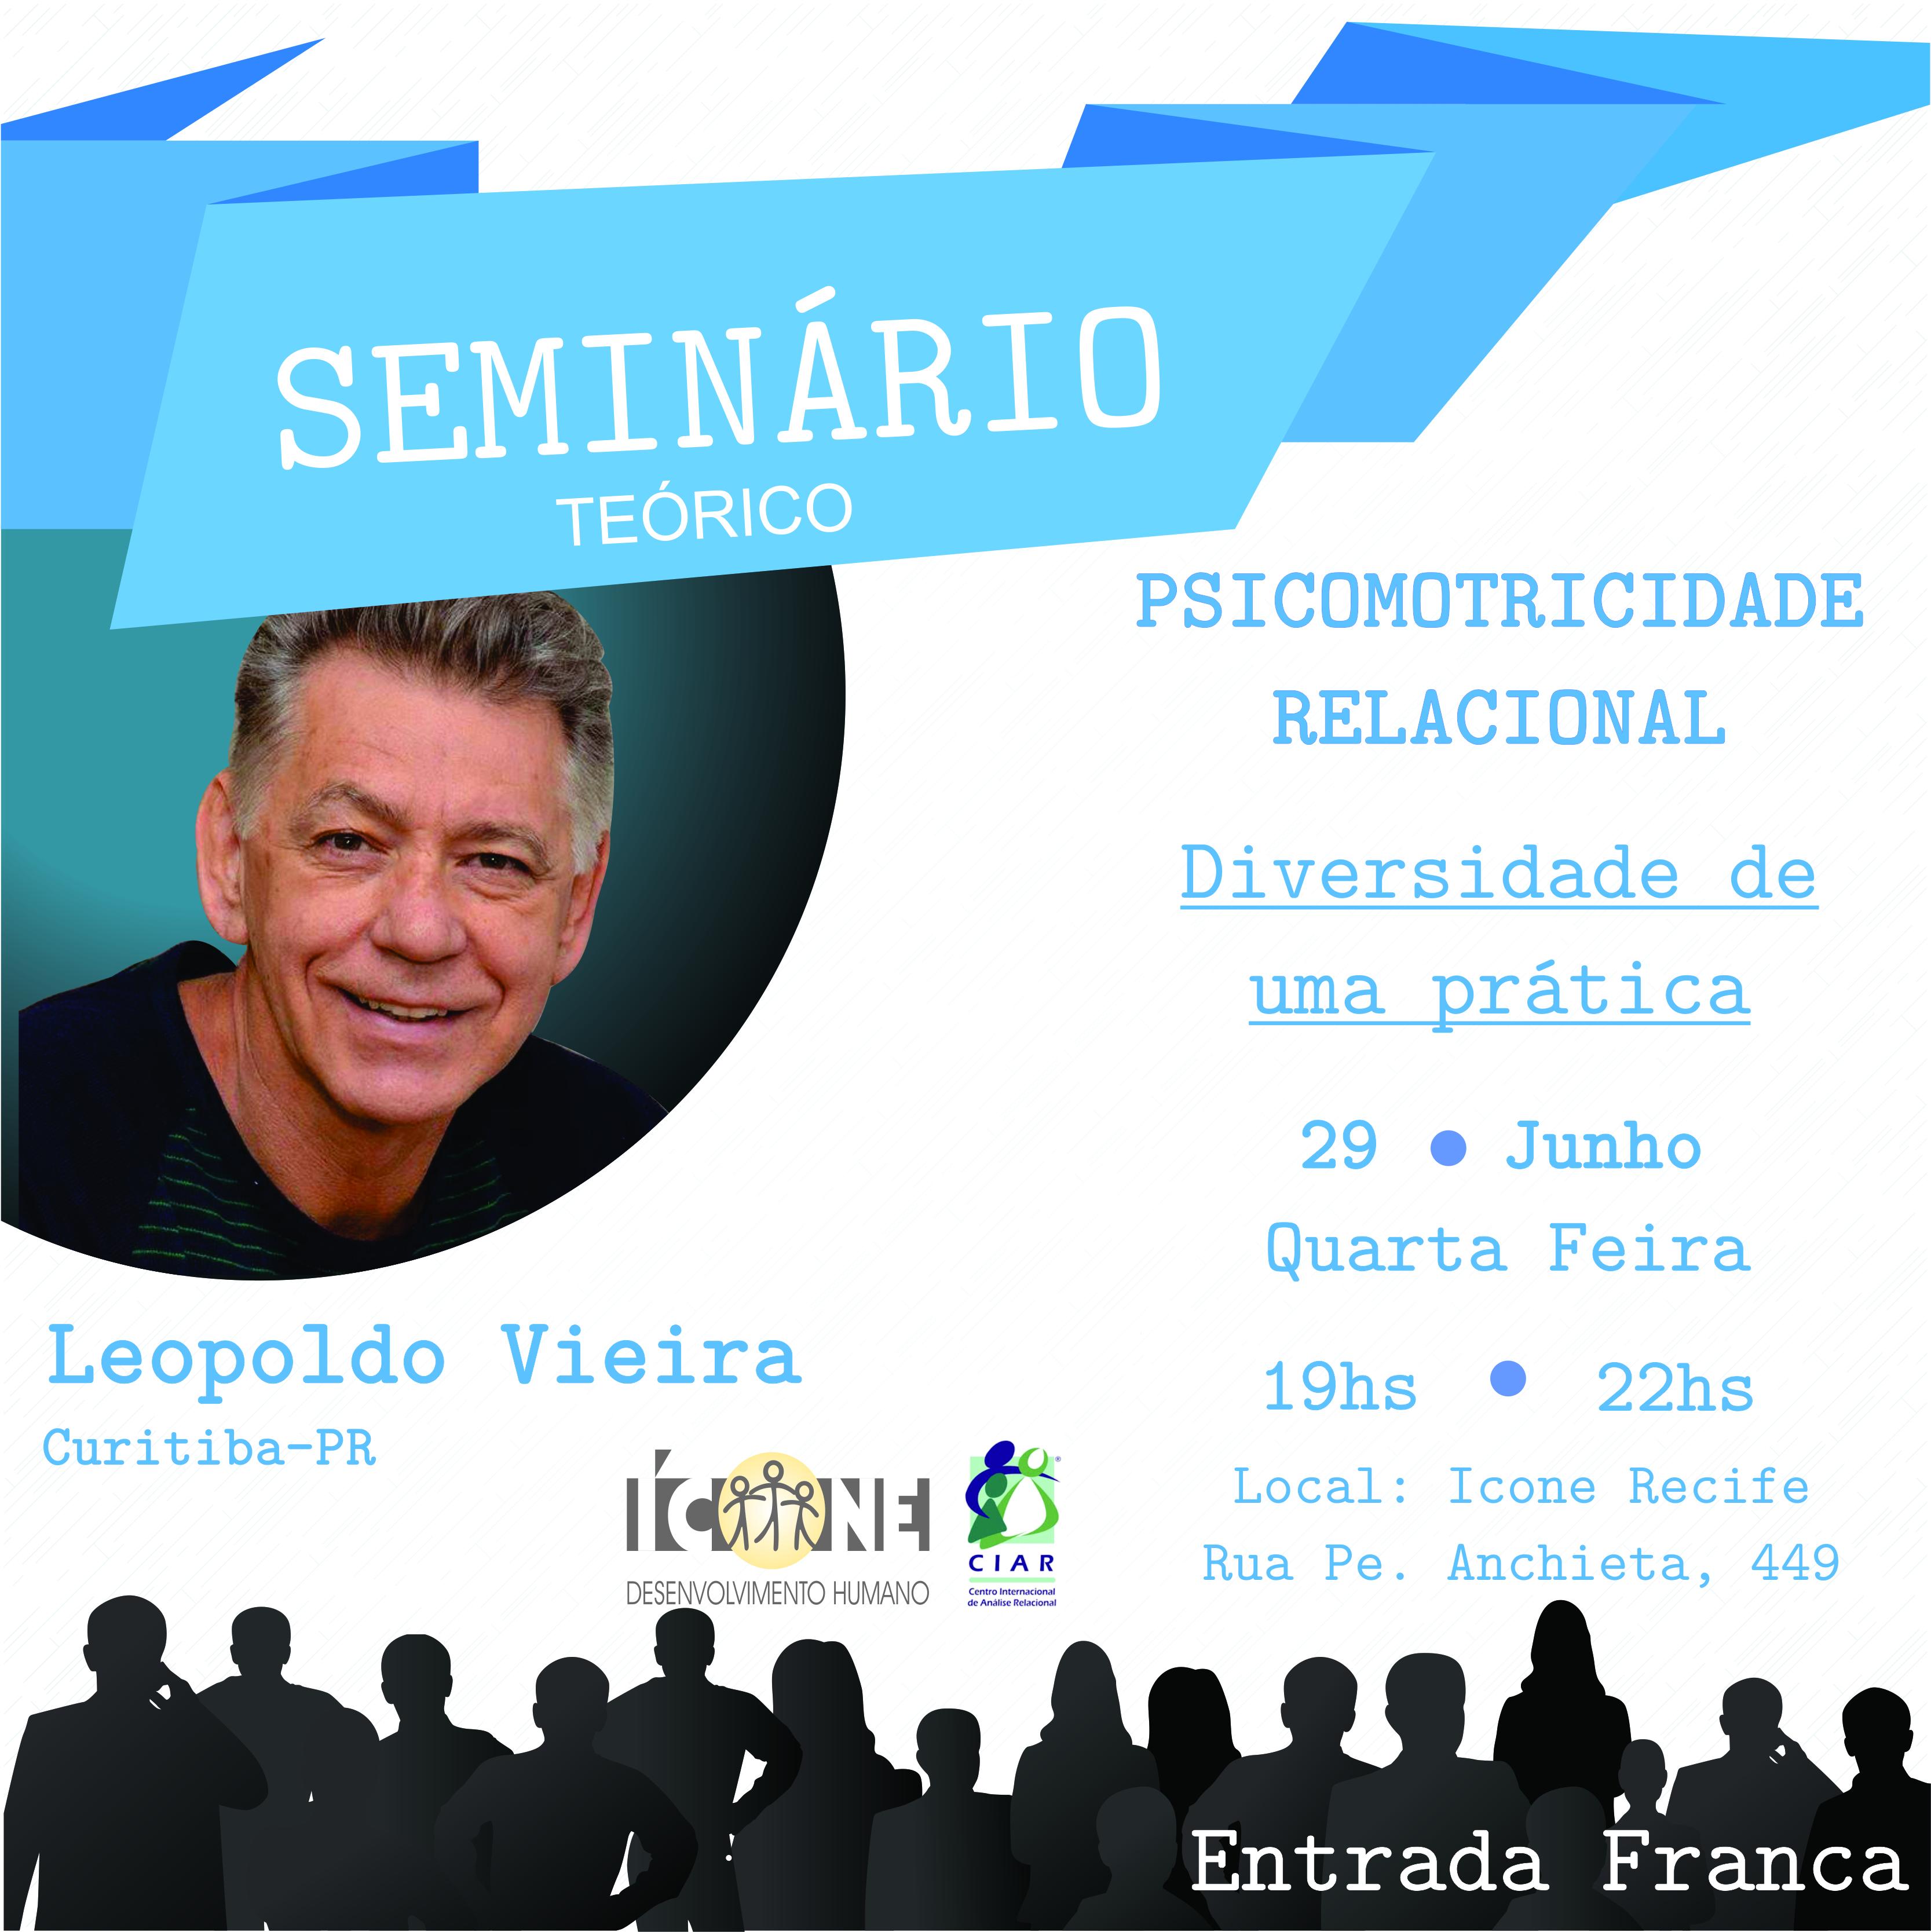 Seminário Leopoldo Vieira